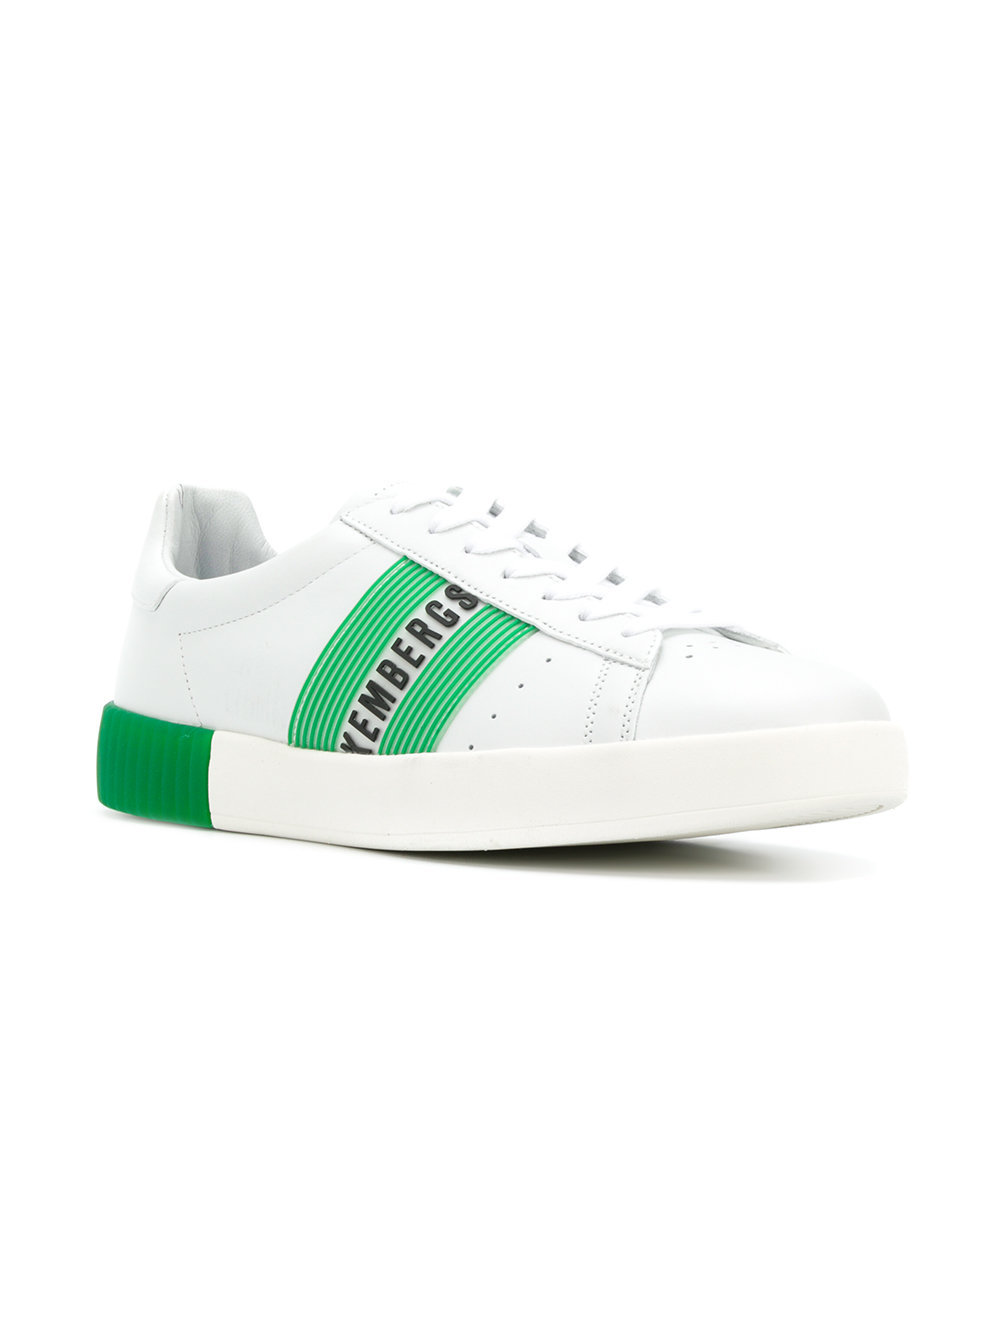 a947bb2640 Sneakers basse in pelle bianche e verdi di Dirk Bikkembergs